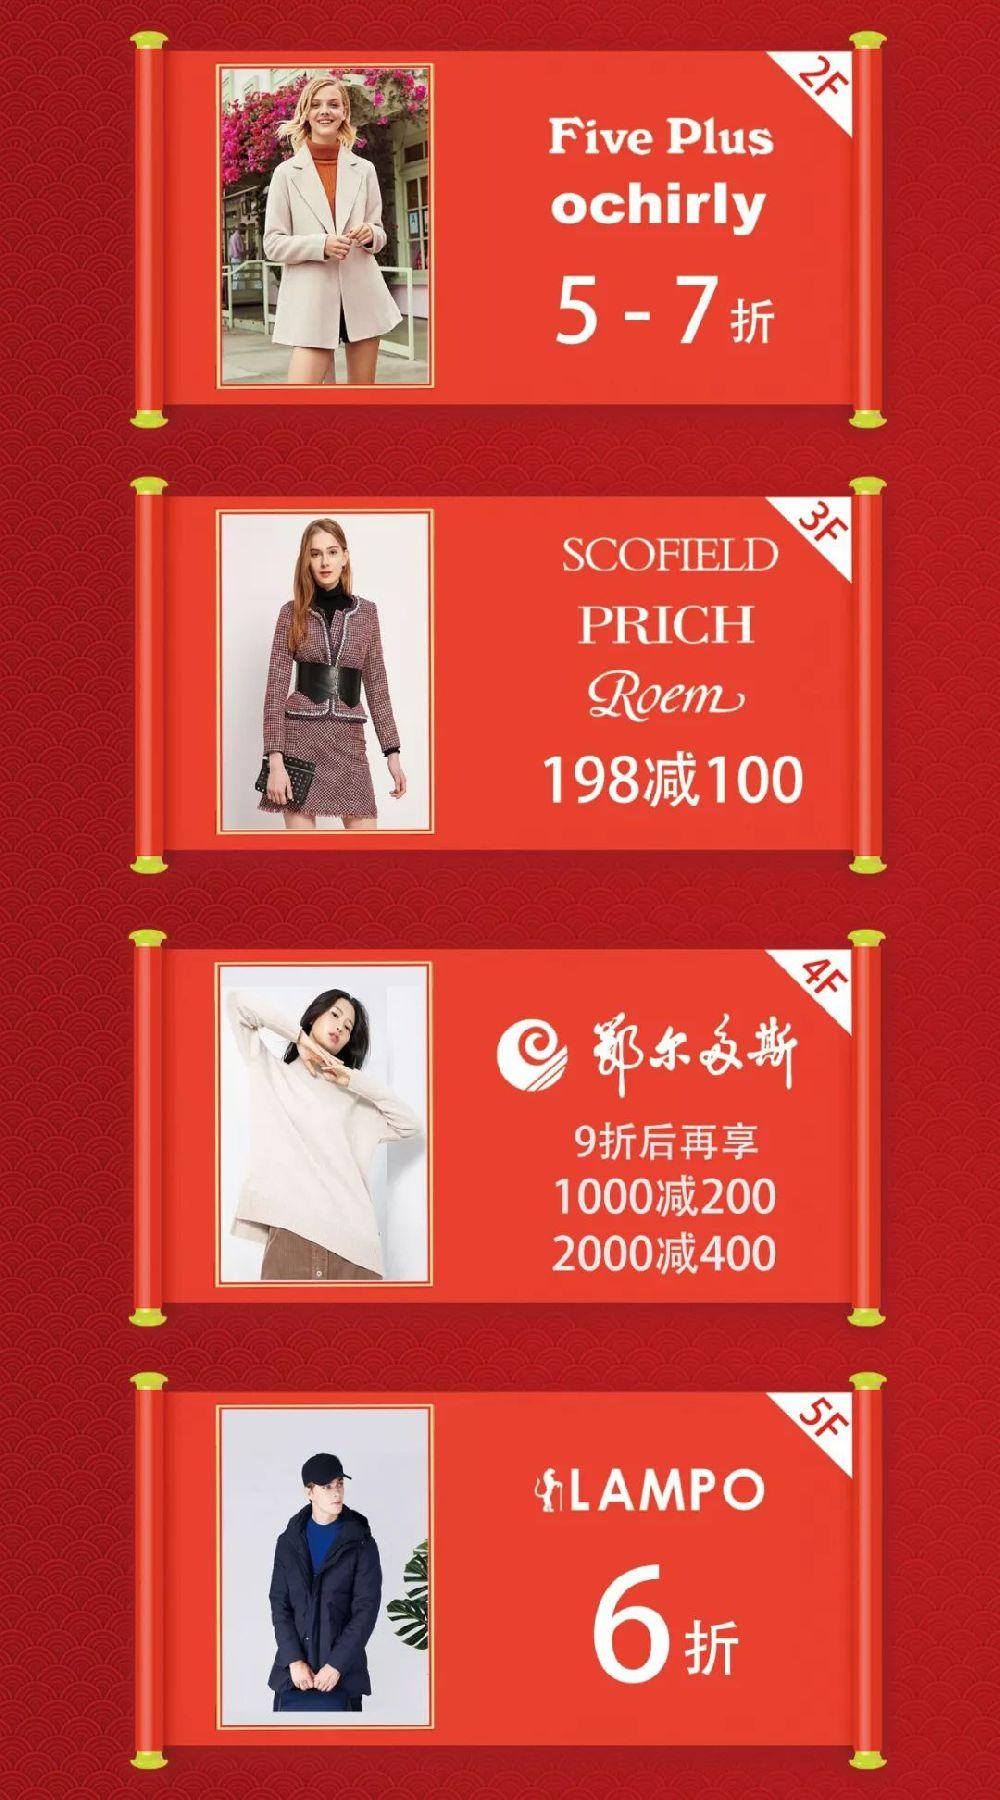 上海置地广场2019新年折扣 服饰2折、化妆品满300减60